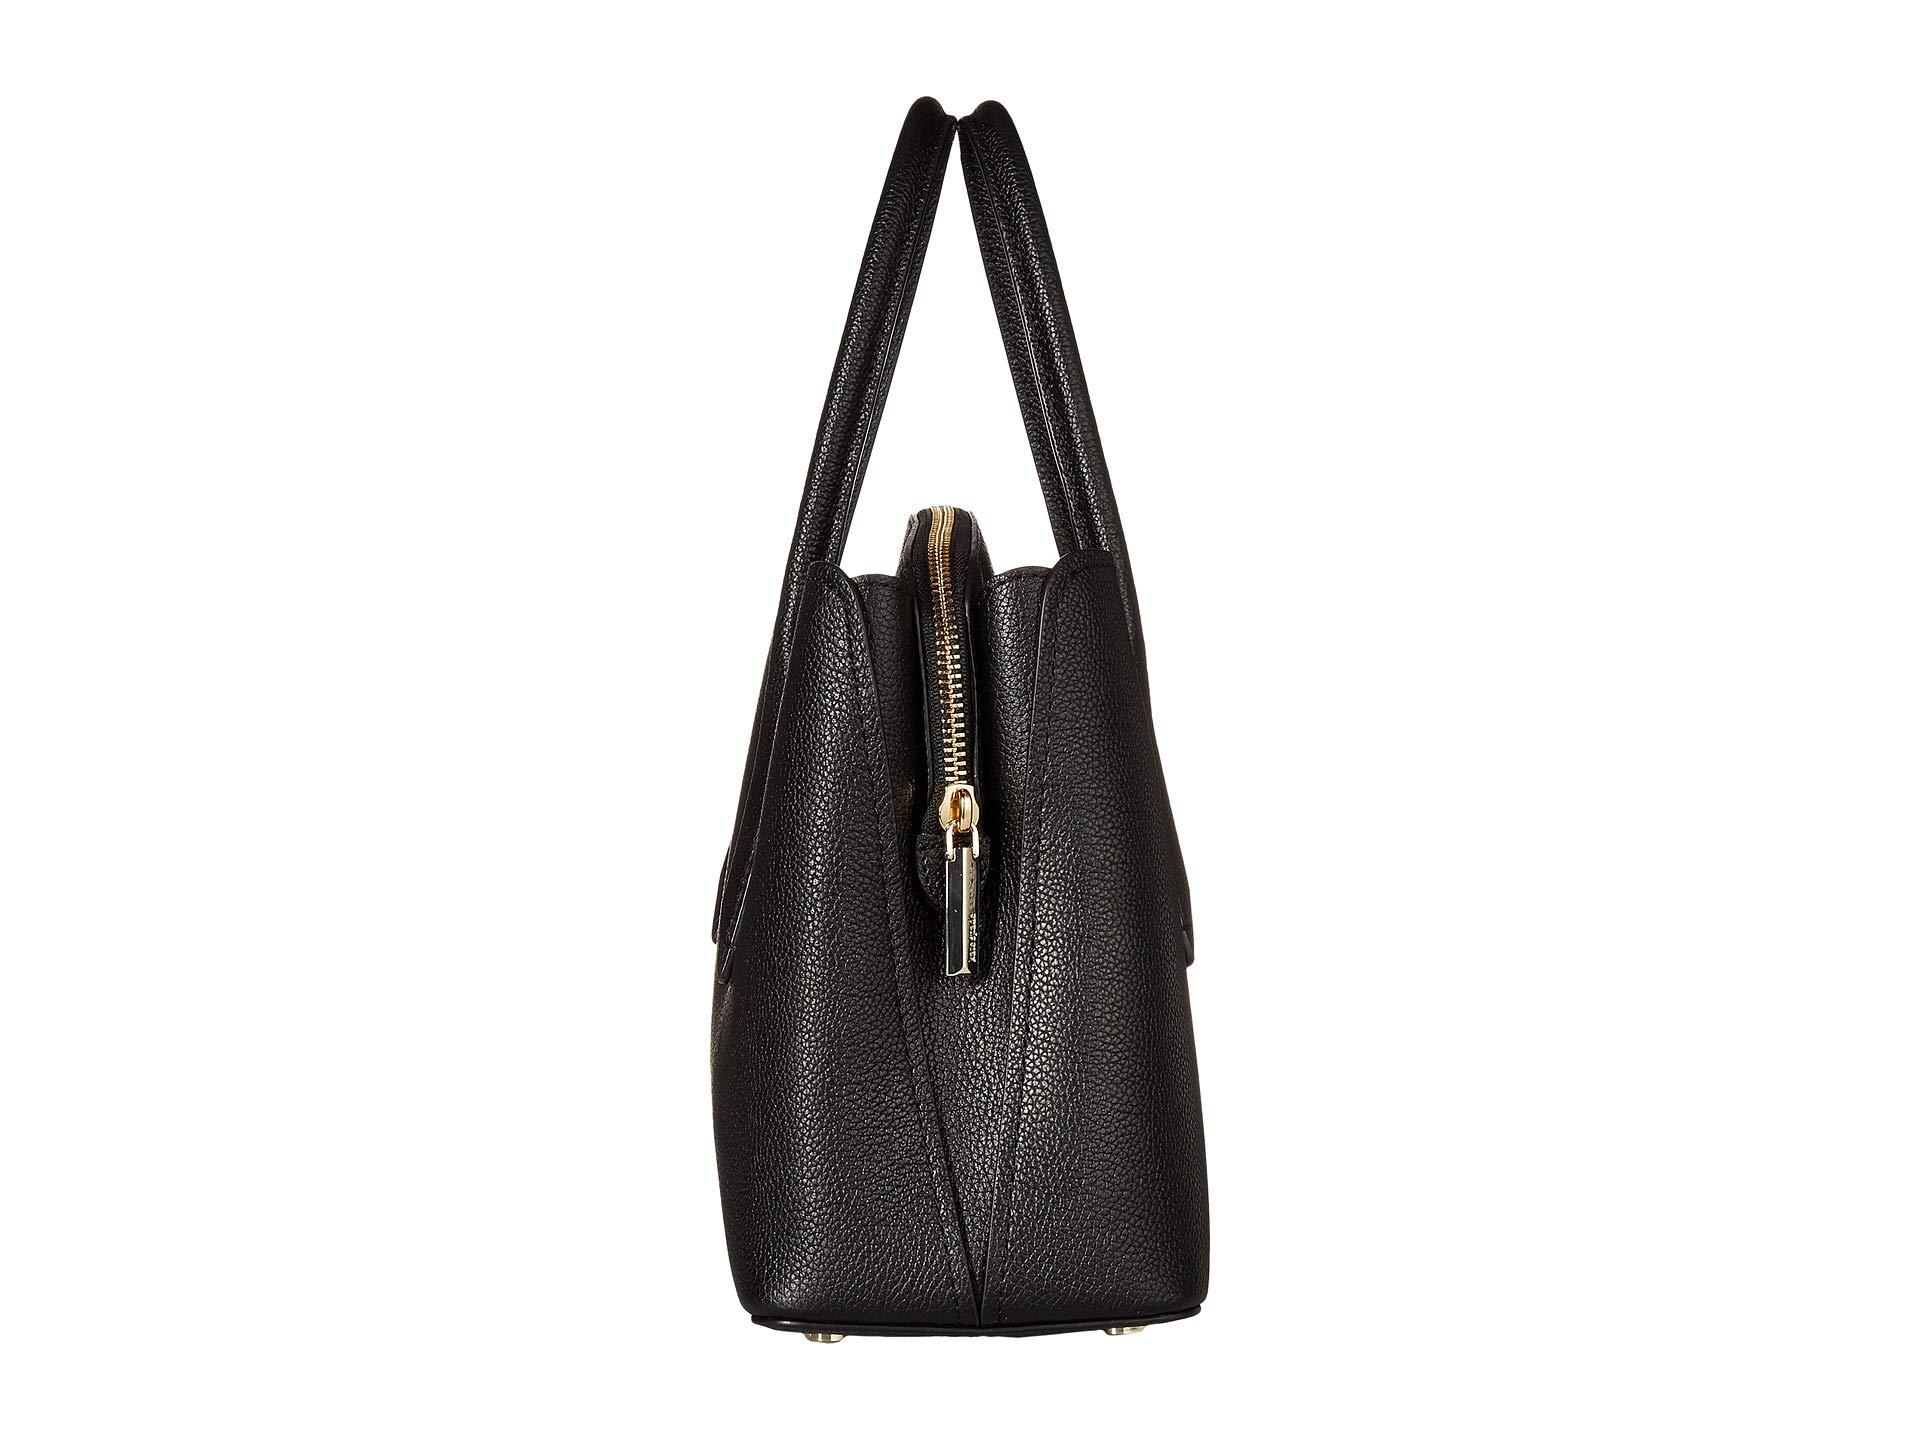 Margaux Black Medium Satchel York Kate Spade New qcfwzcnta